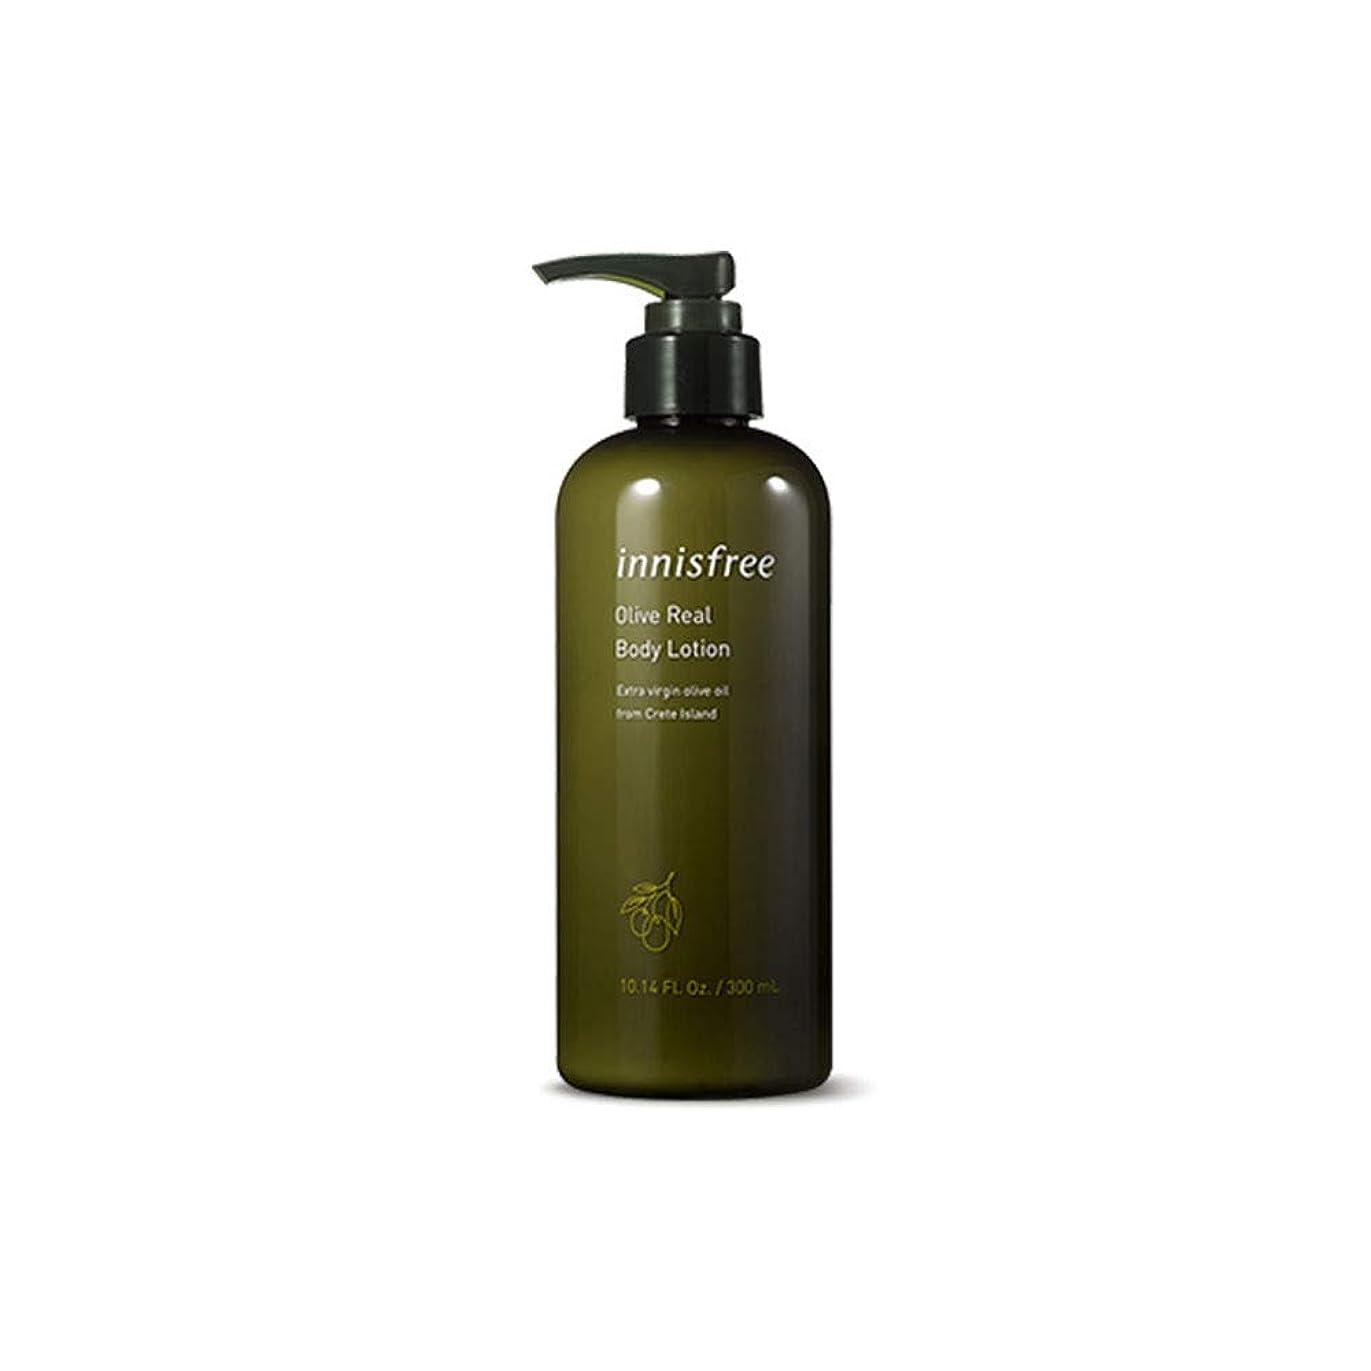 却下する原油名誉あるイニスフリー Innisfree オリーブリアル ボディーローション(300ml) Innisfree Olive Real Body Lotion(300ml) [海外直送品]